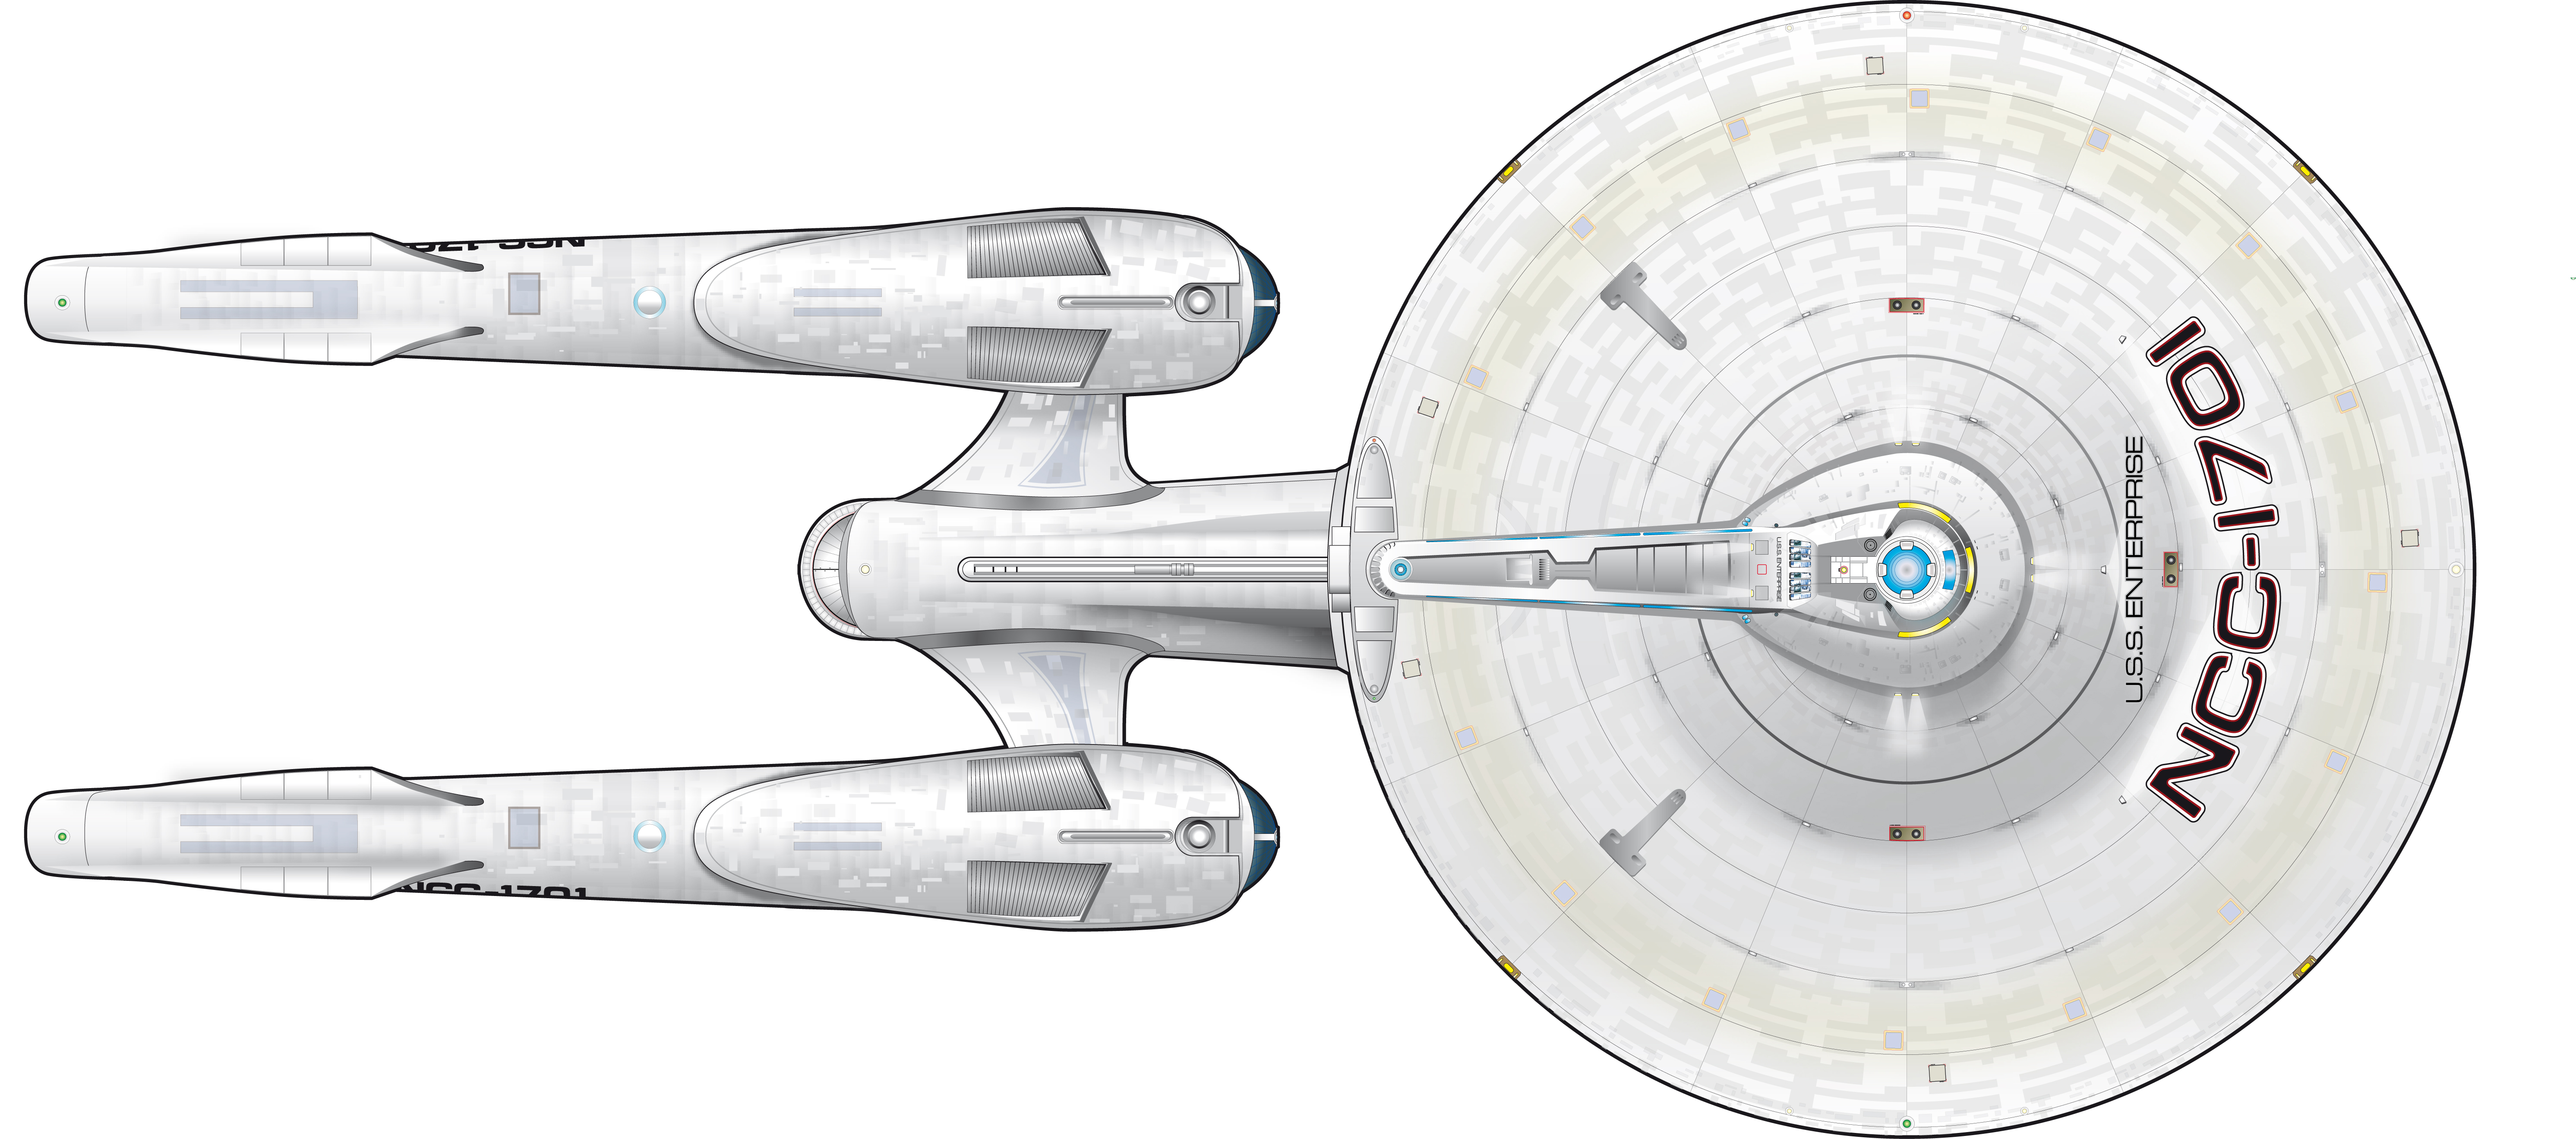 Star Trek Blueprints: Star Trek New Enterprise Color ...